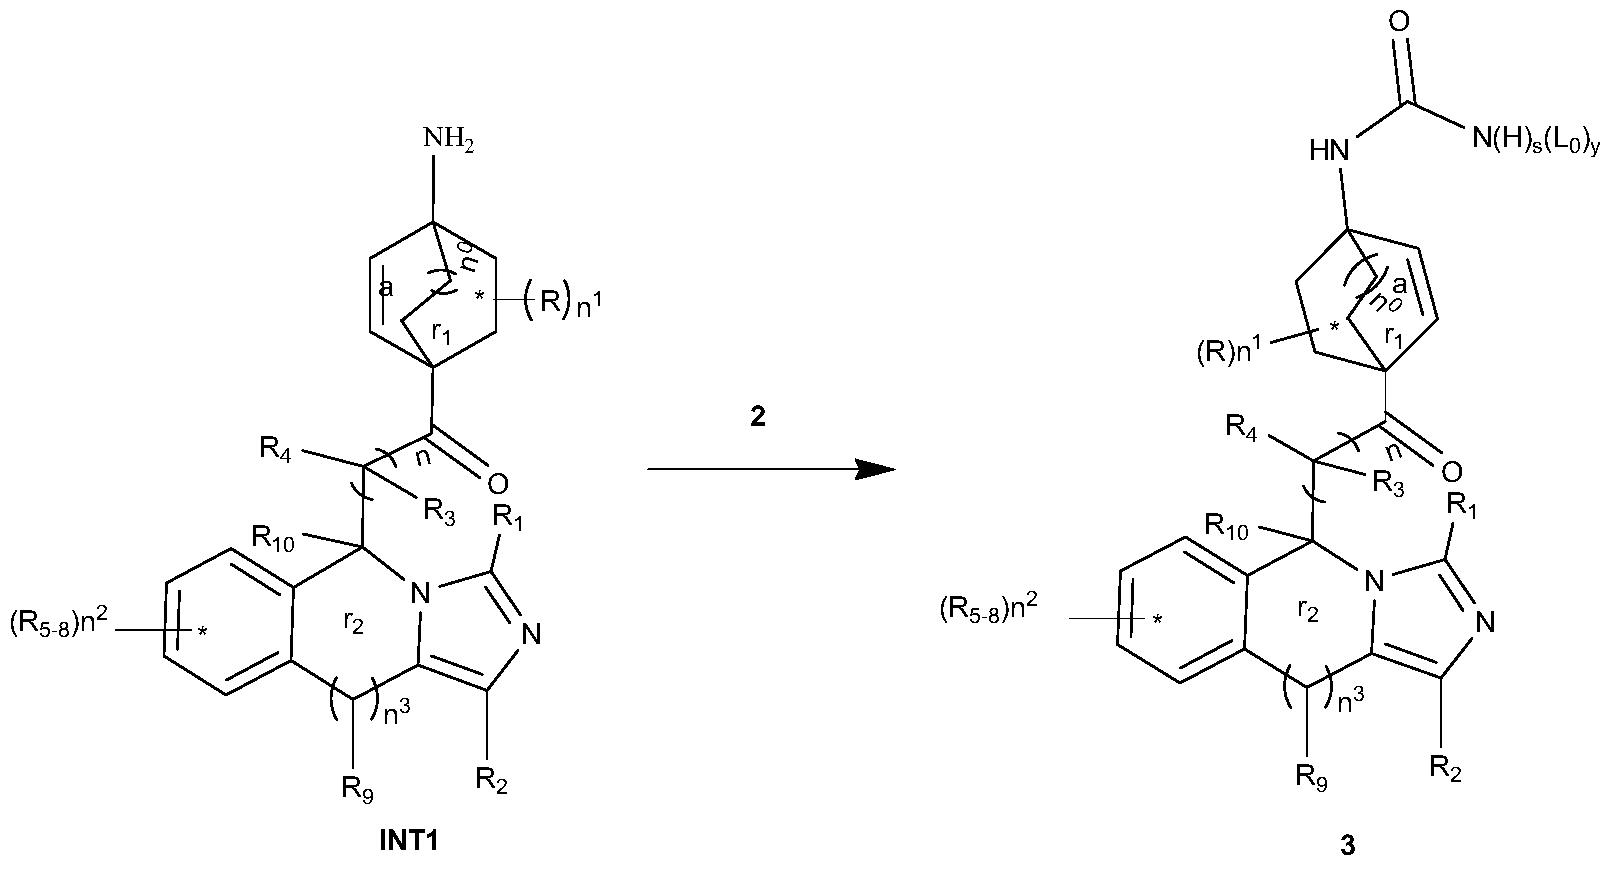 Figure PCTCN2017084604-appb-100050